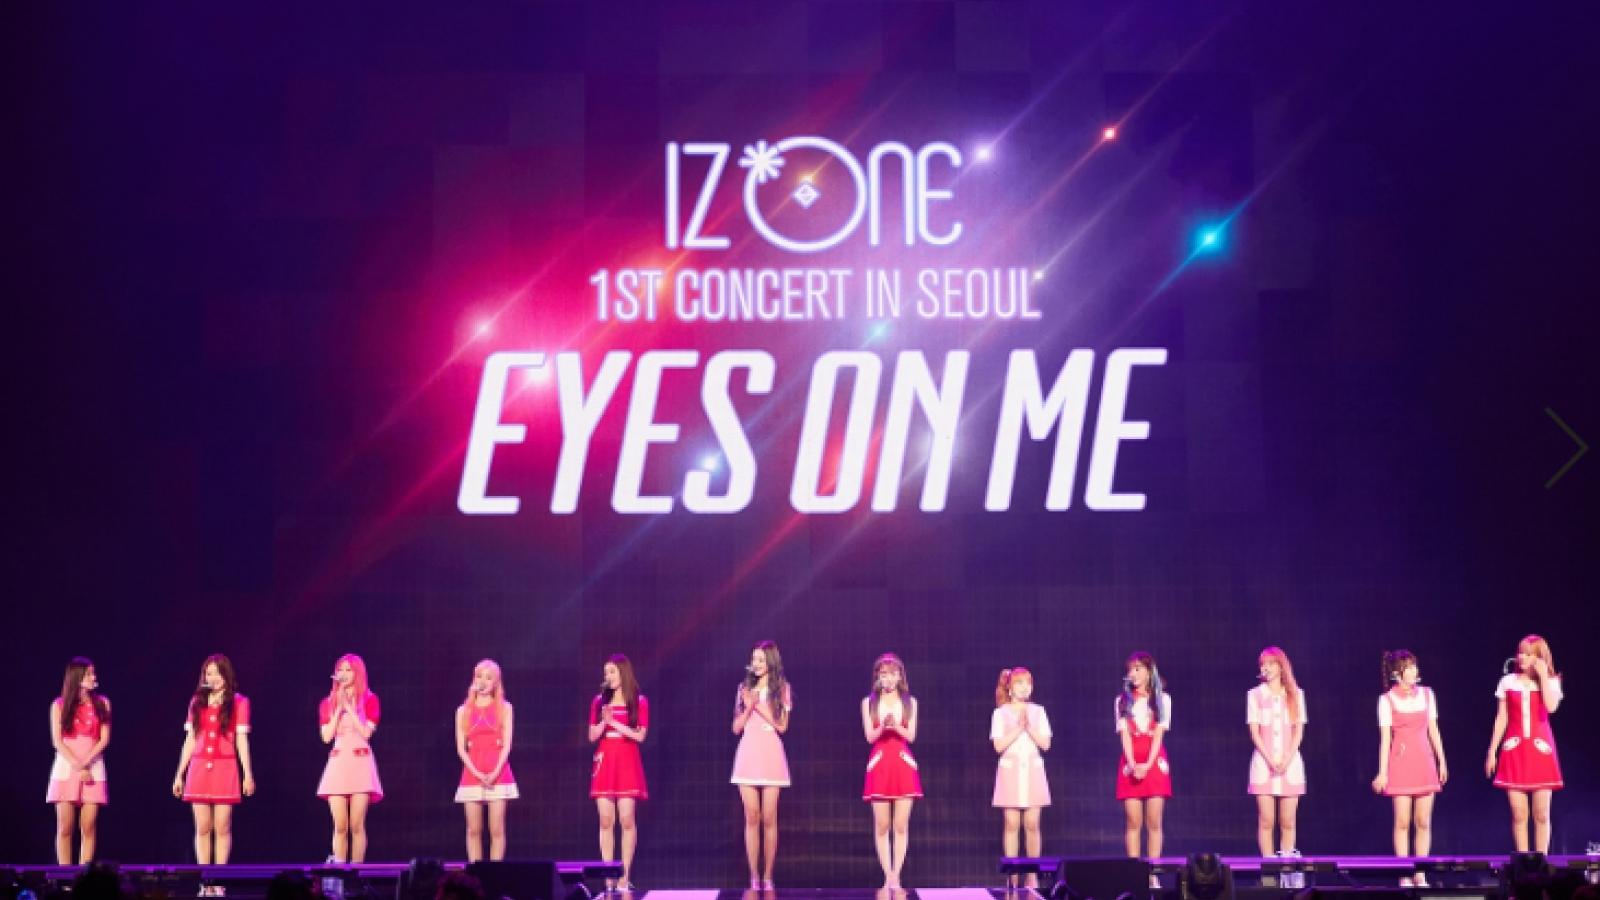 Nối tiếp BTS, IZ*ONE đưa concert lên màn ảnh rộng Việt Nam